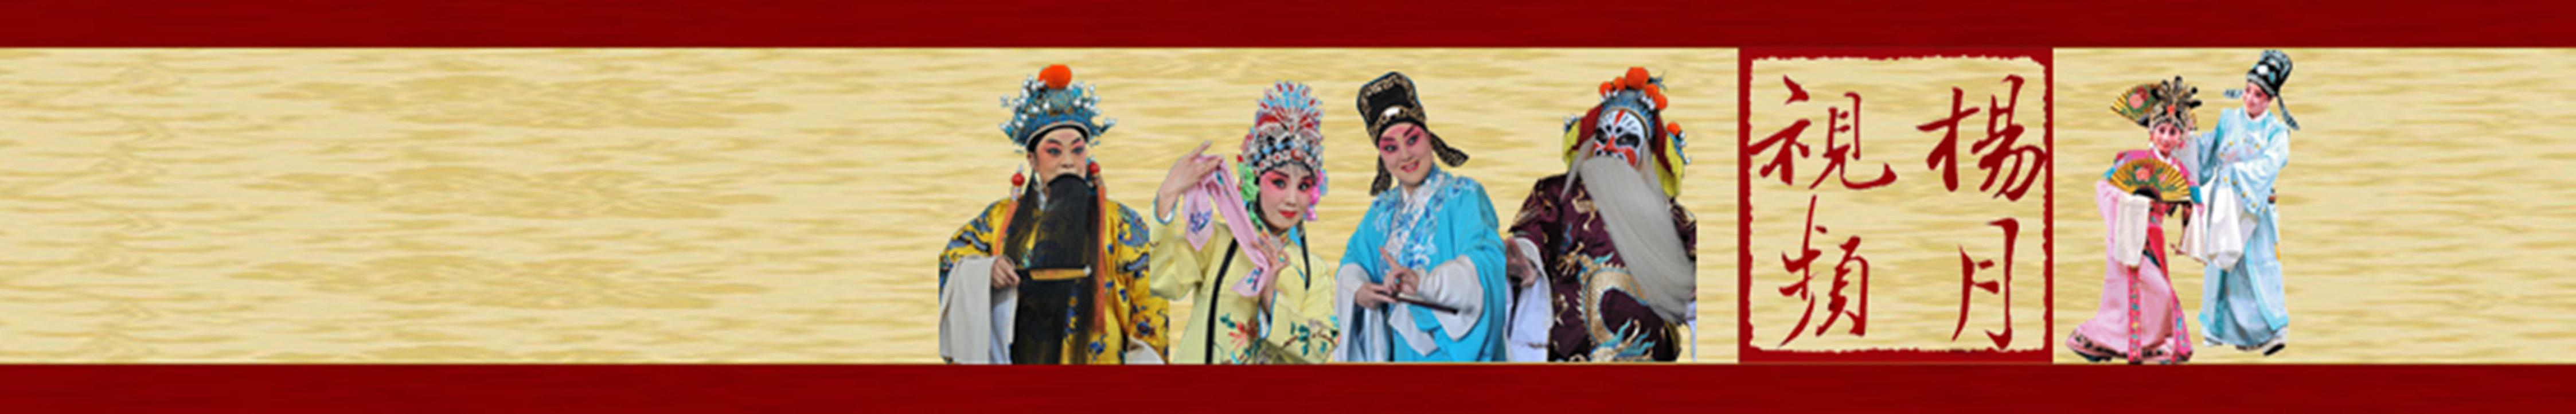 杨月视频 banner